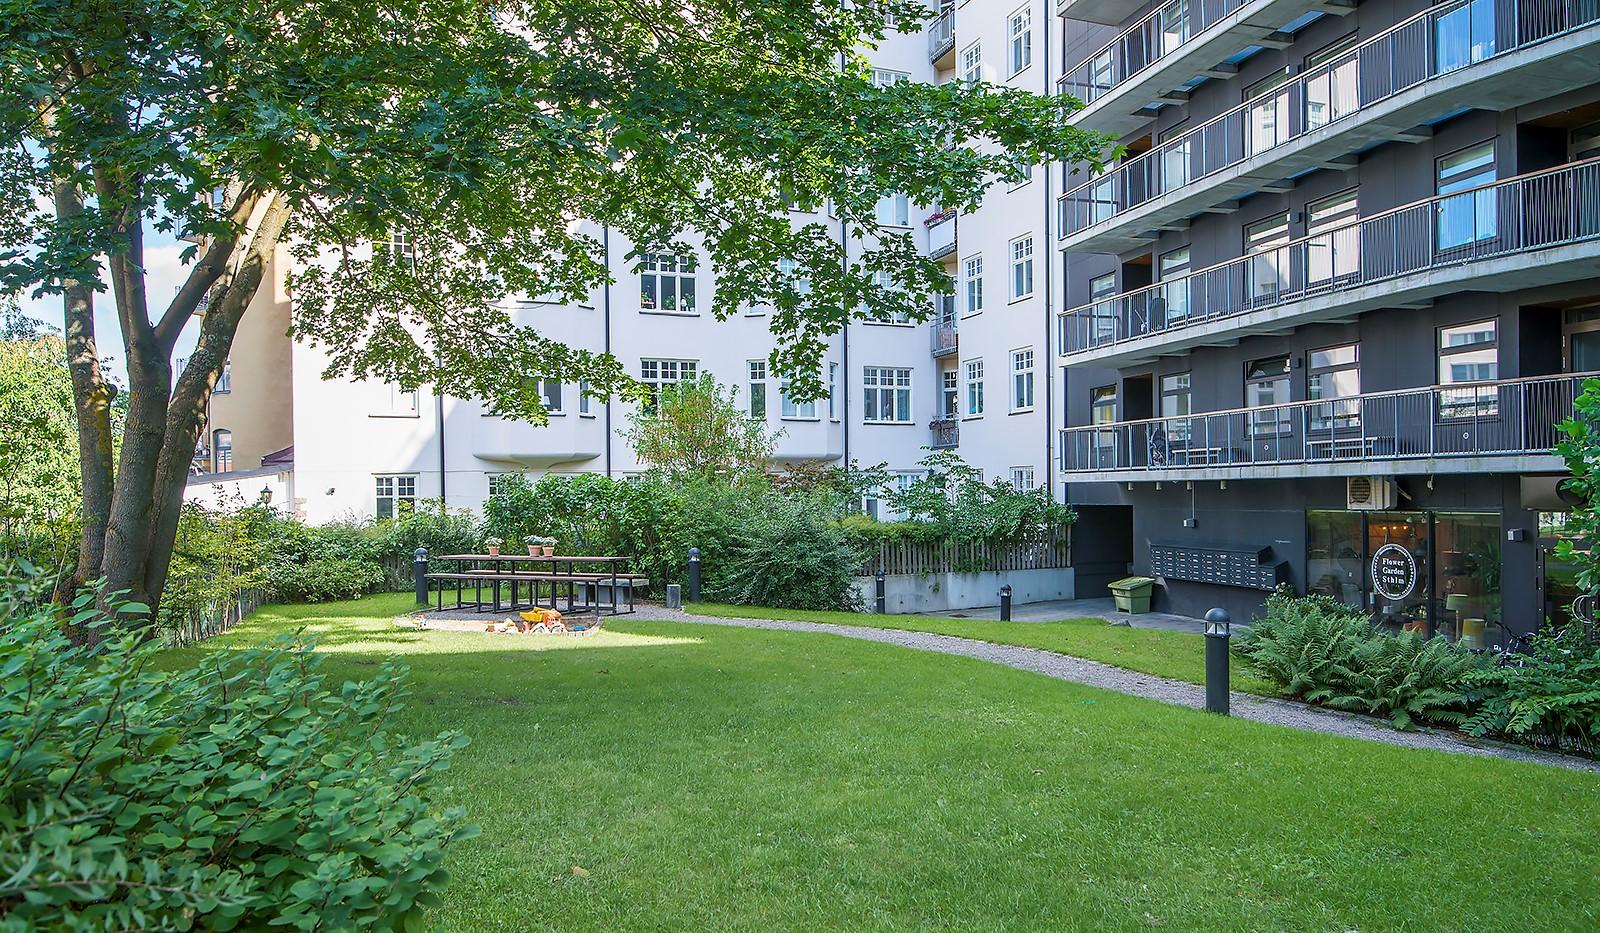 Liljeholmsvägen 12, 6tr - Perfekt innergård som tillhör föreningen